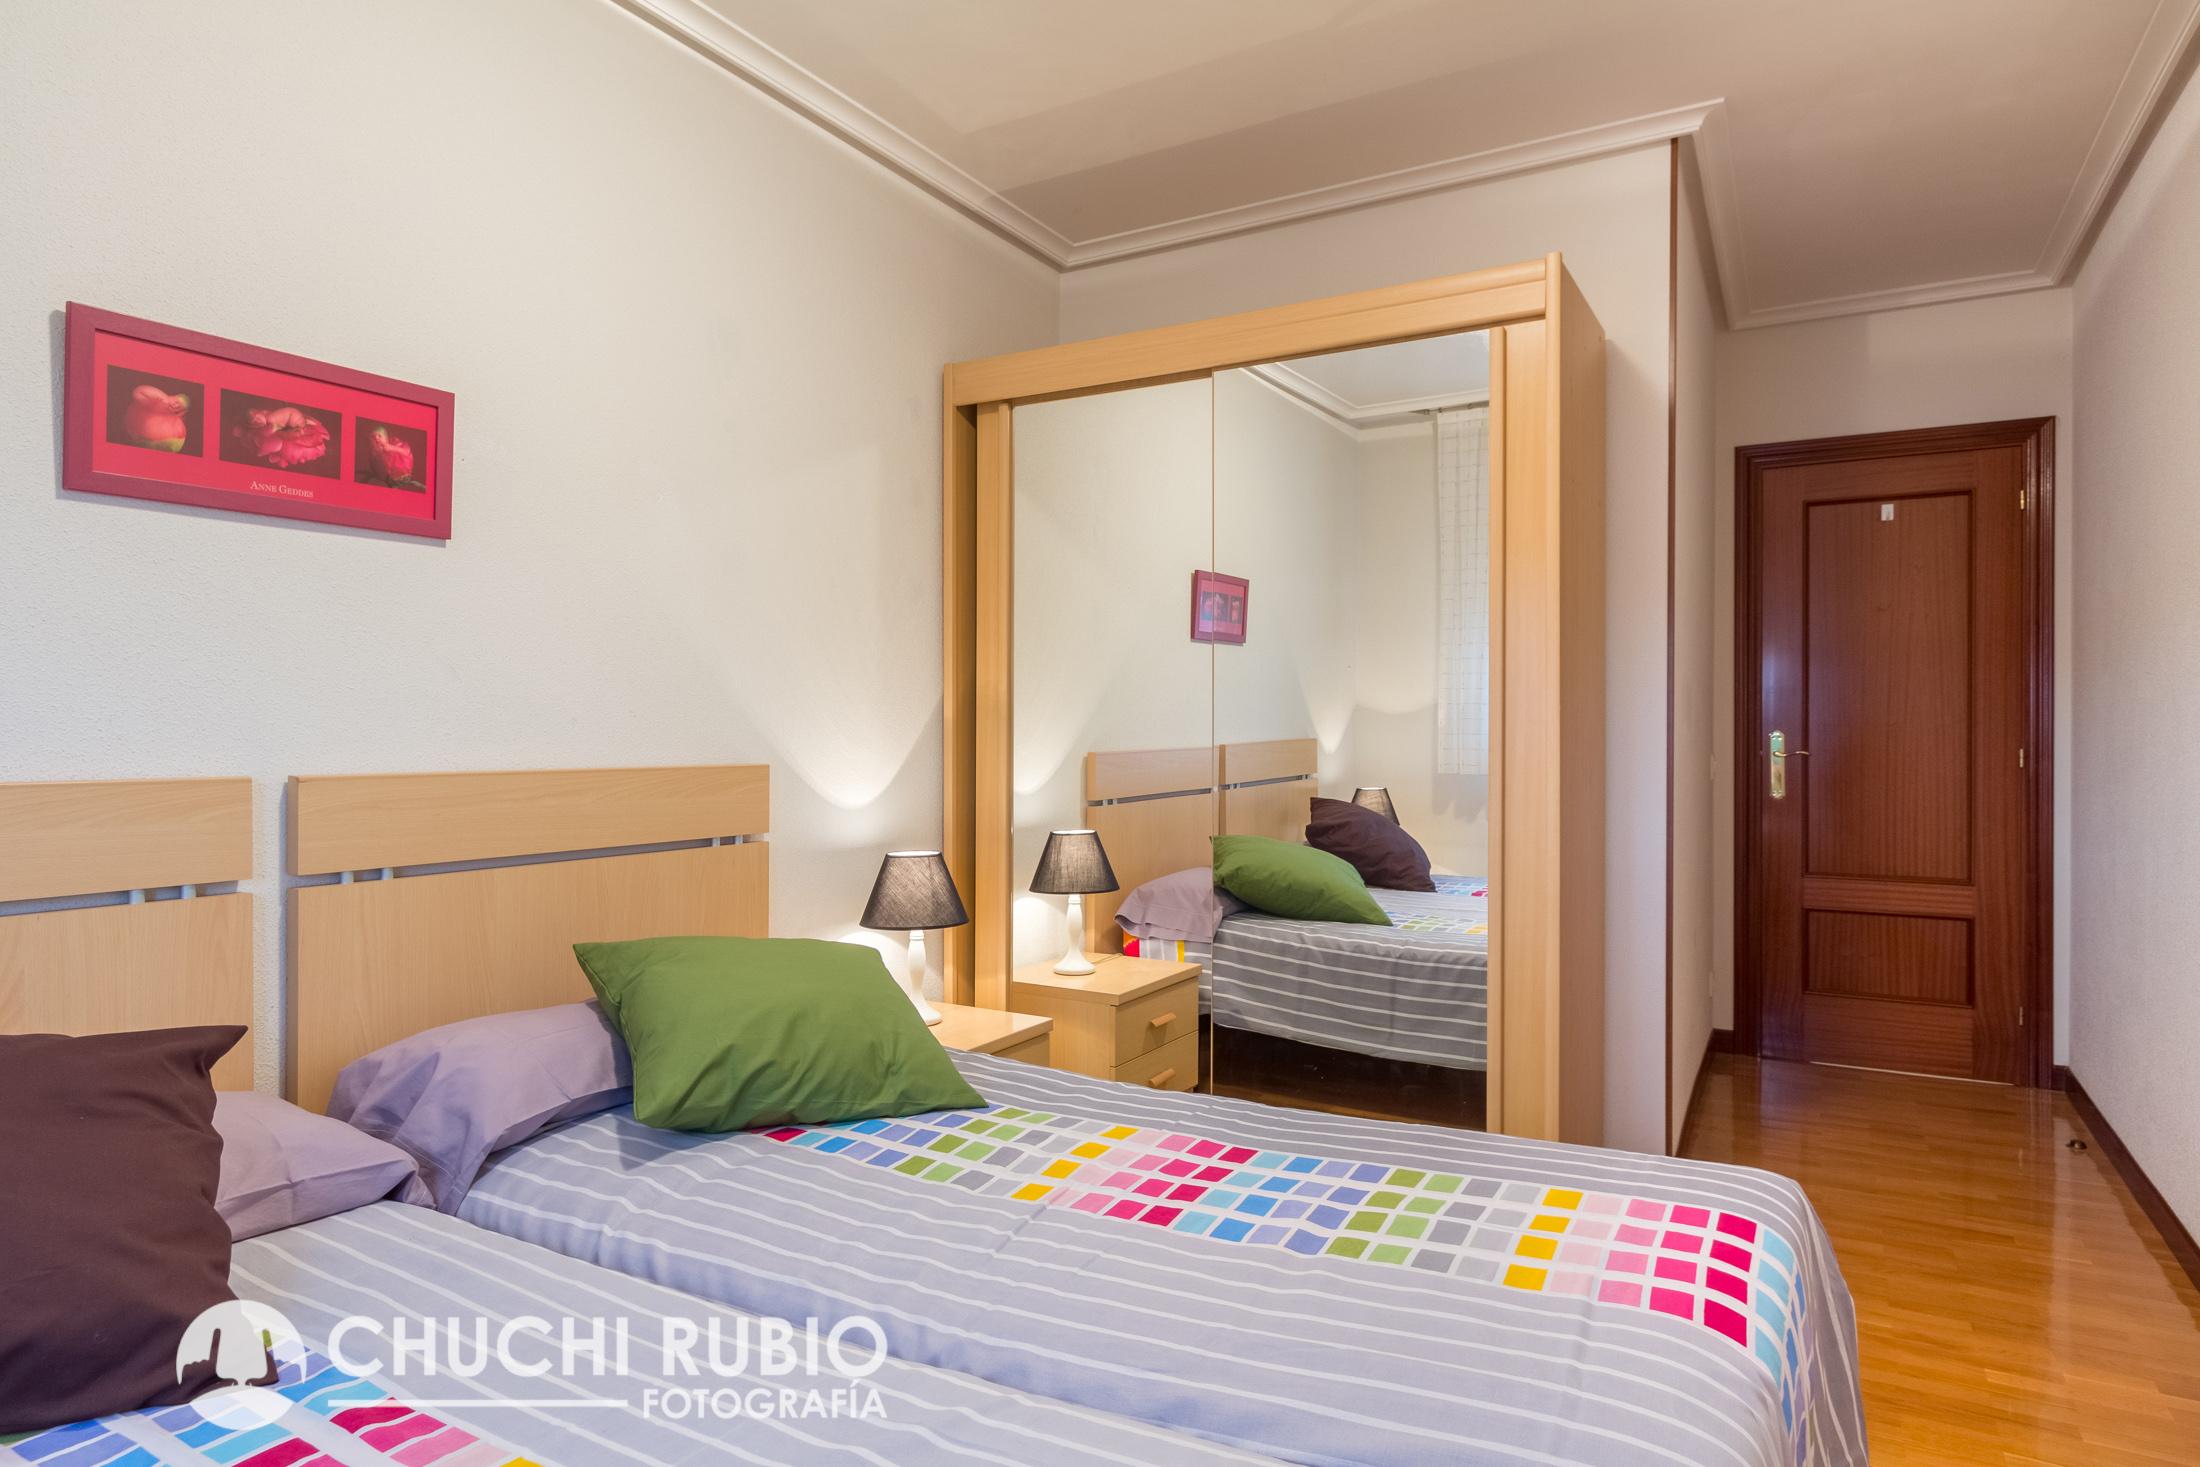 IMG 0941 HDR - Fotografía para Inmobiliarias, venta de pisos, locales...